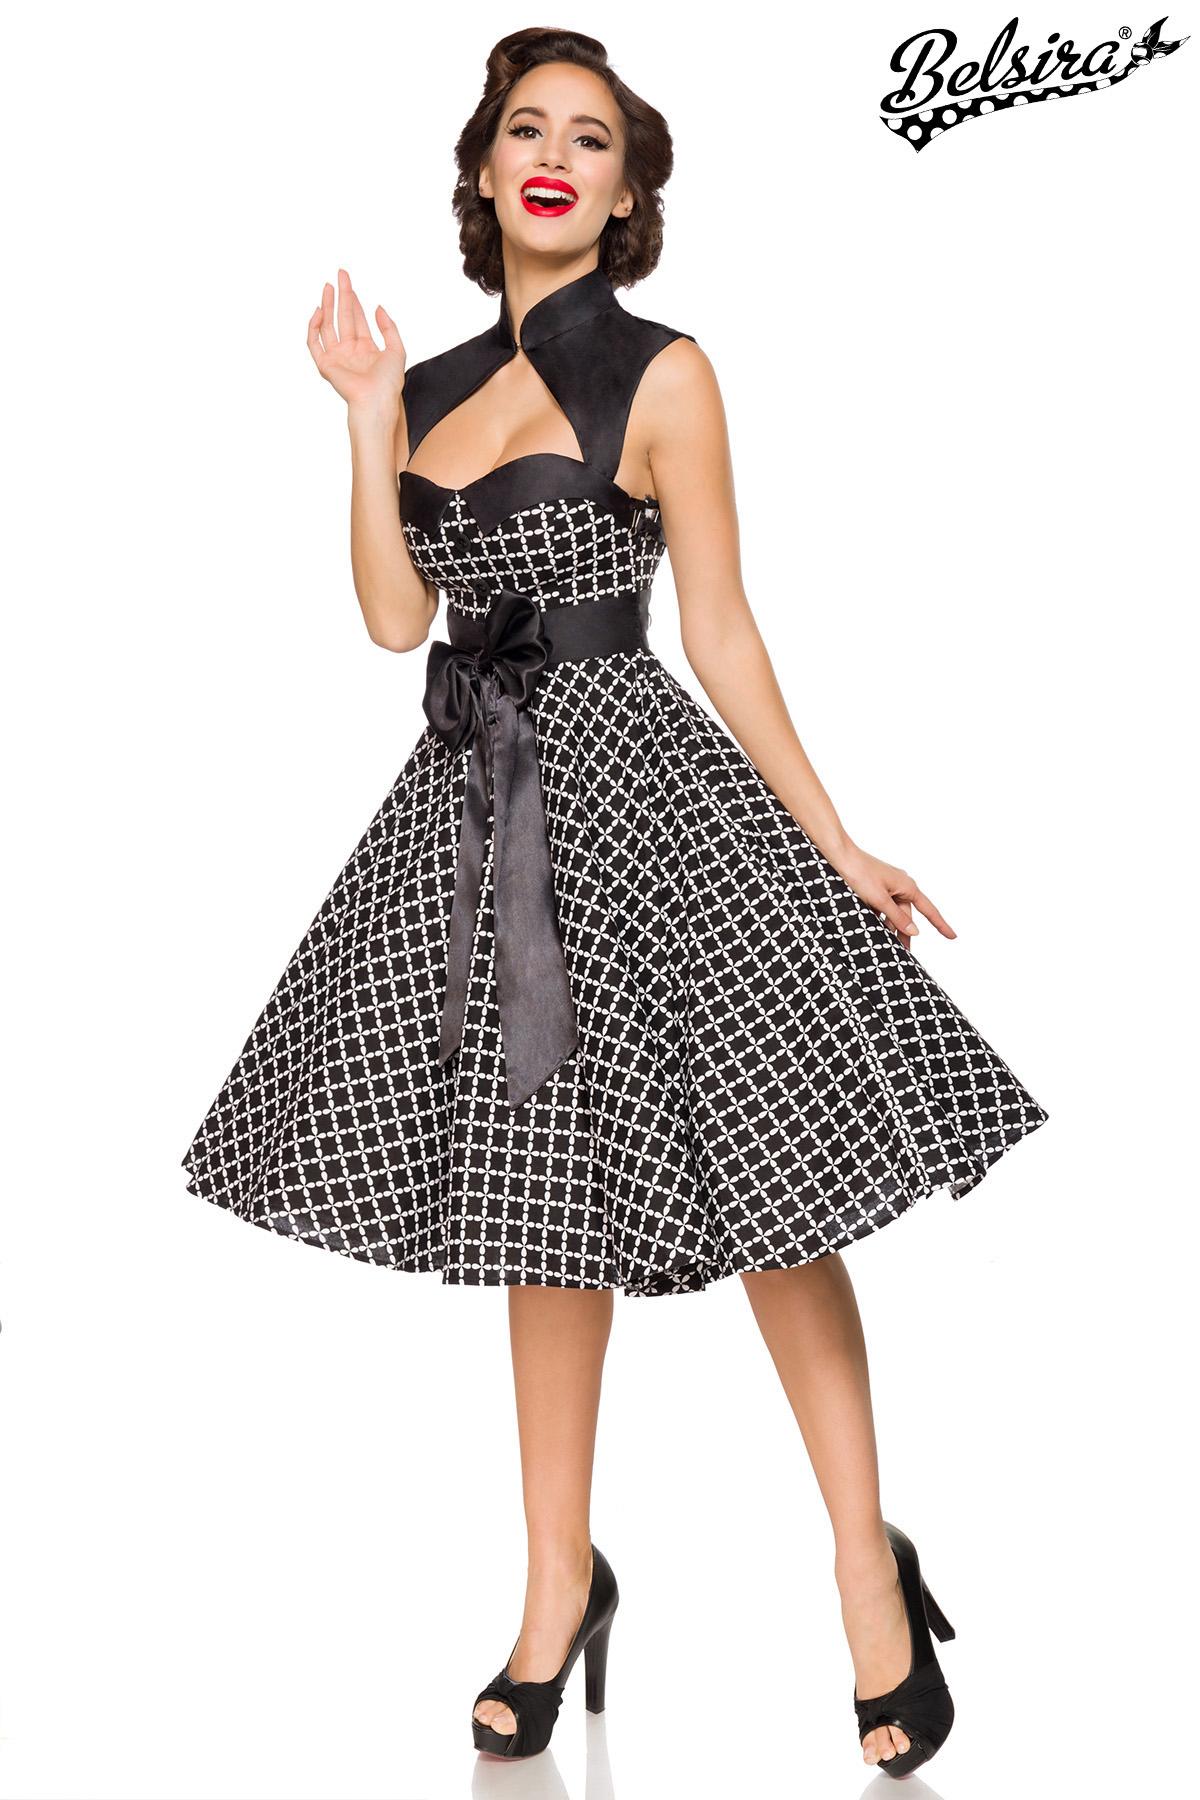 Rockabilly Kleid Vintage-Kleid mit Bolero Damen Belsira schwarz/weiß ...